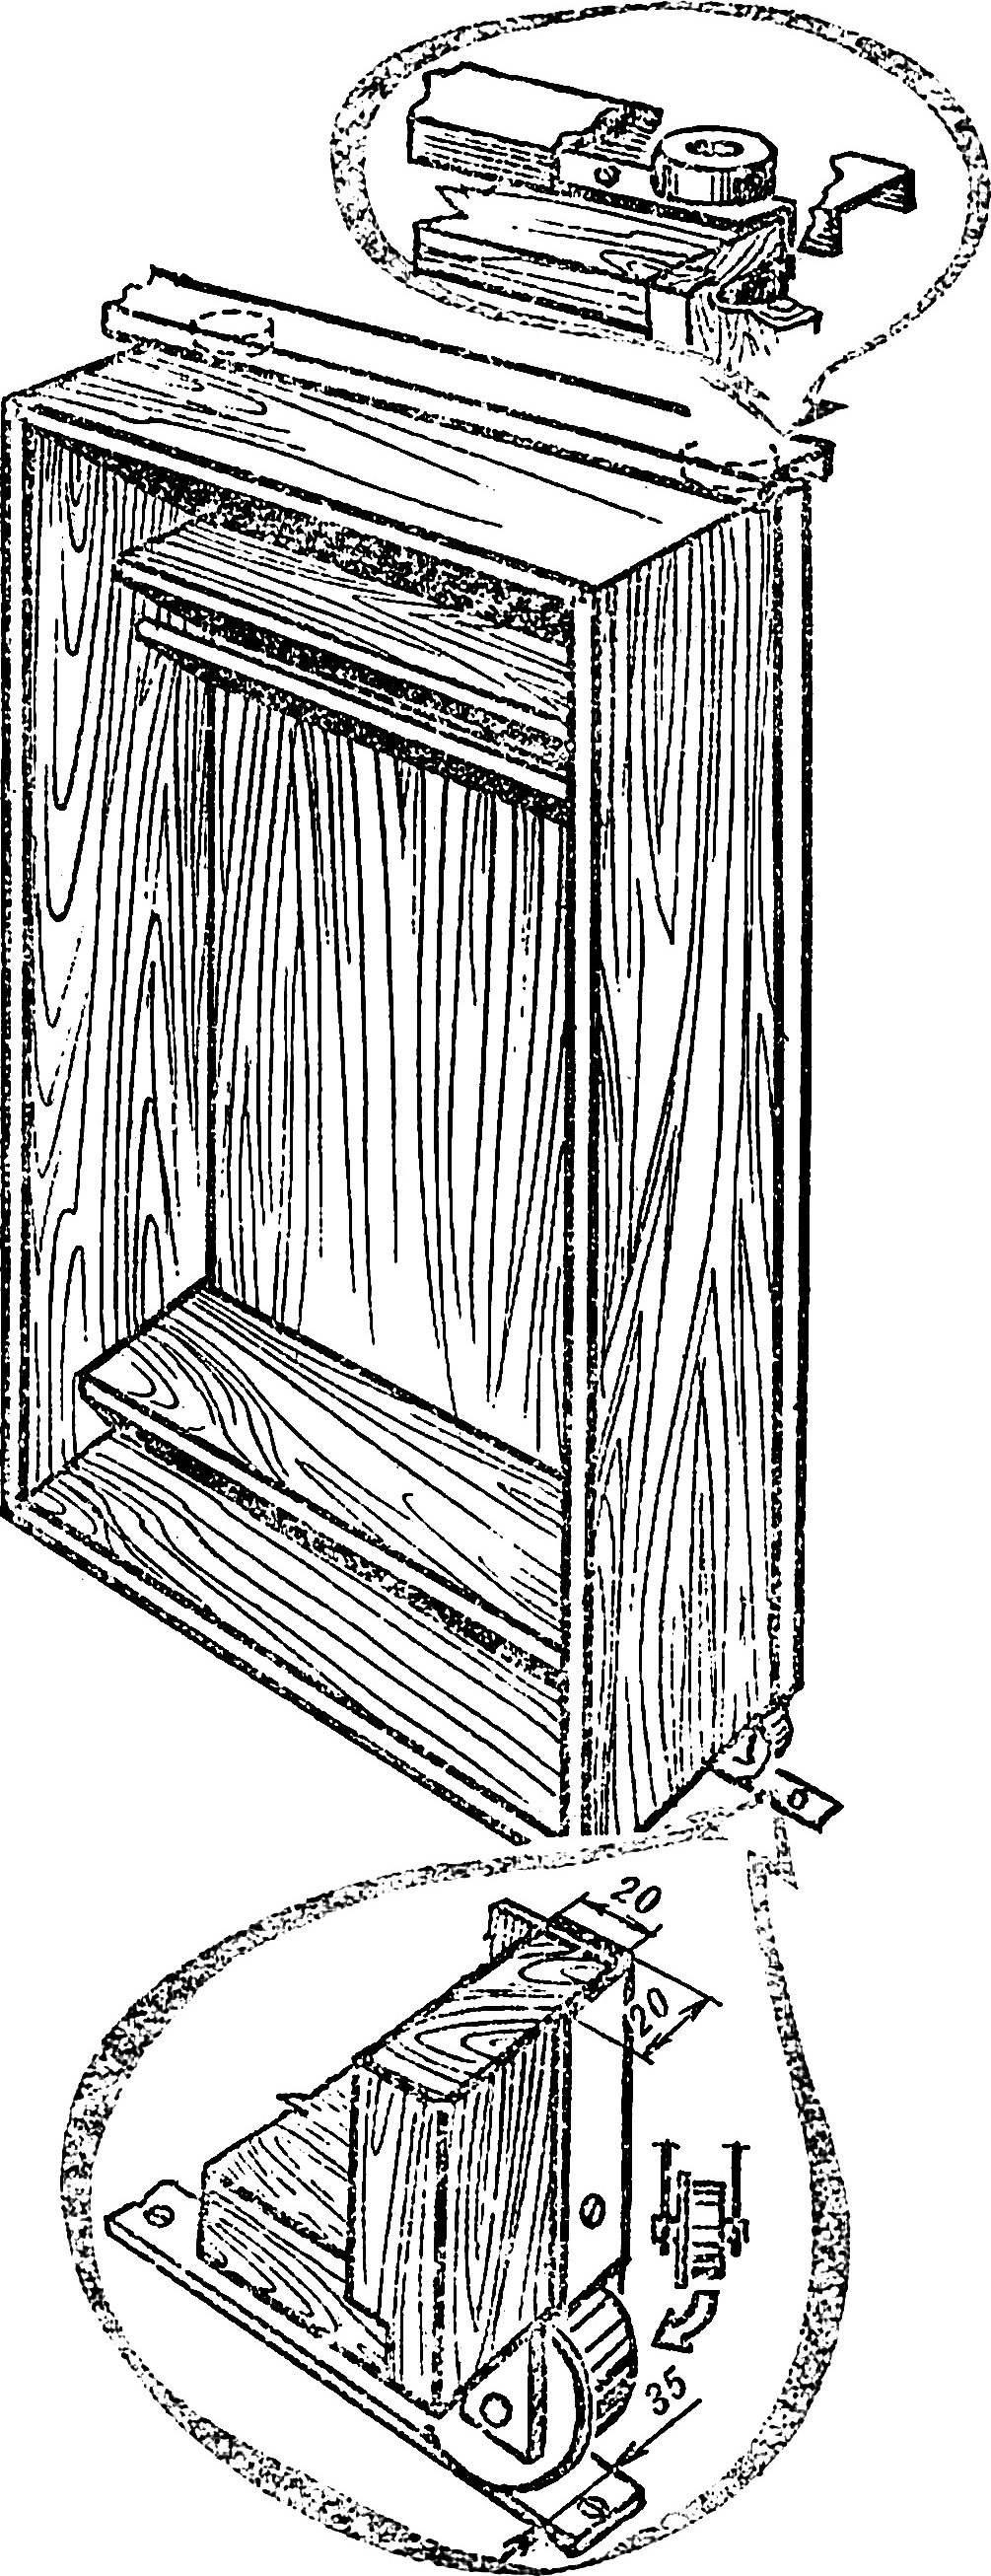 Рис. 3. Вариант решения опорных узлов передвижного шкафа.